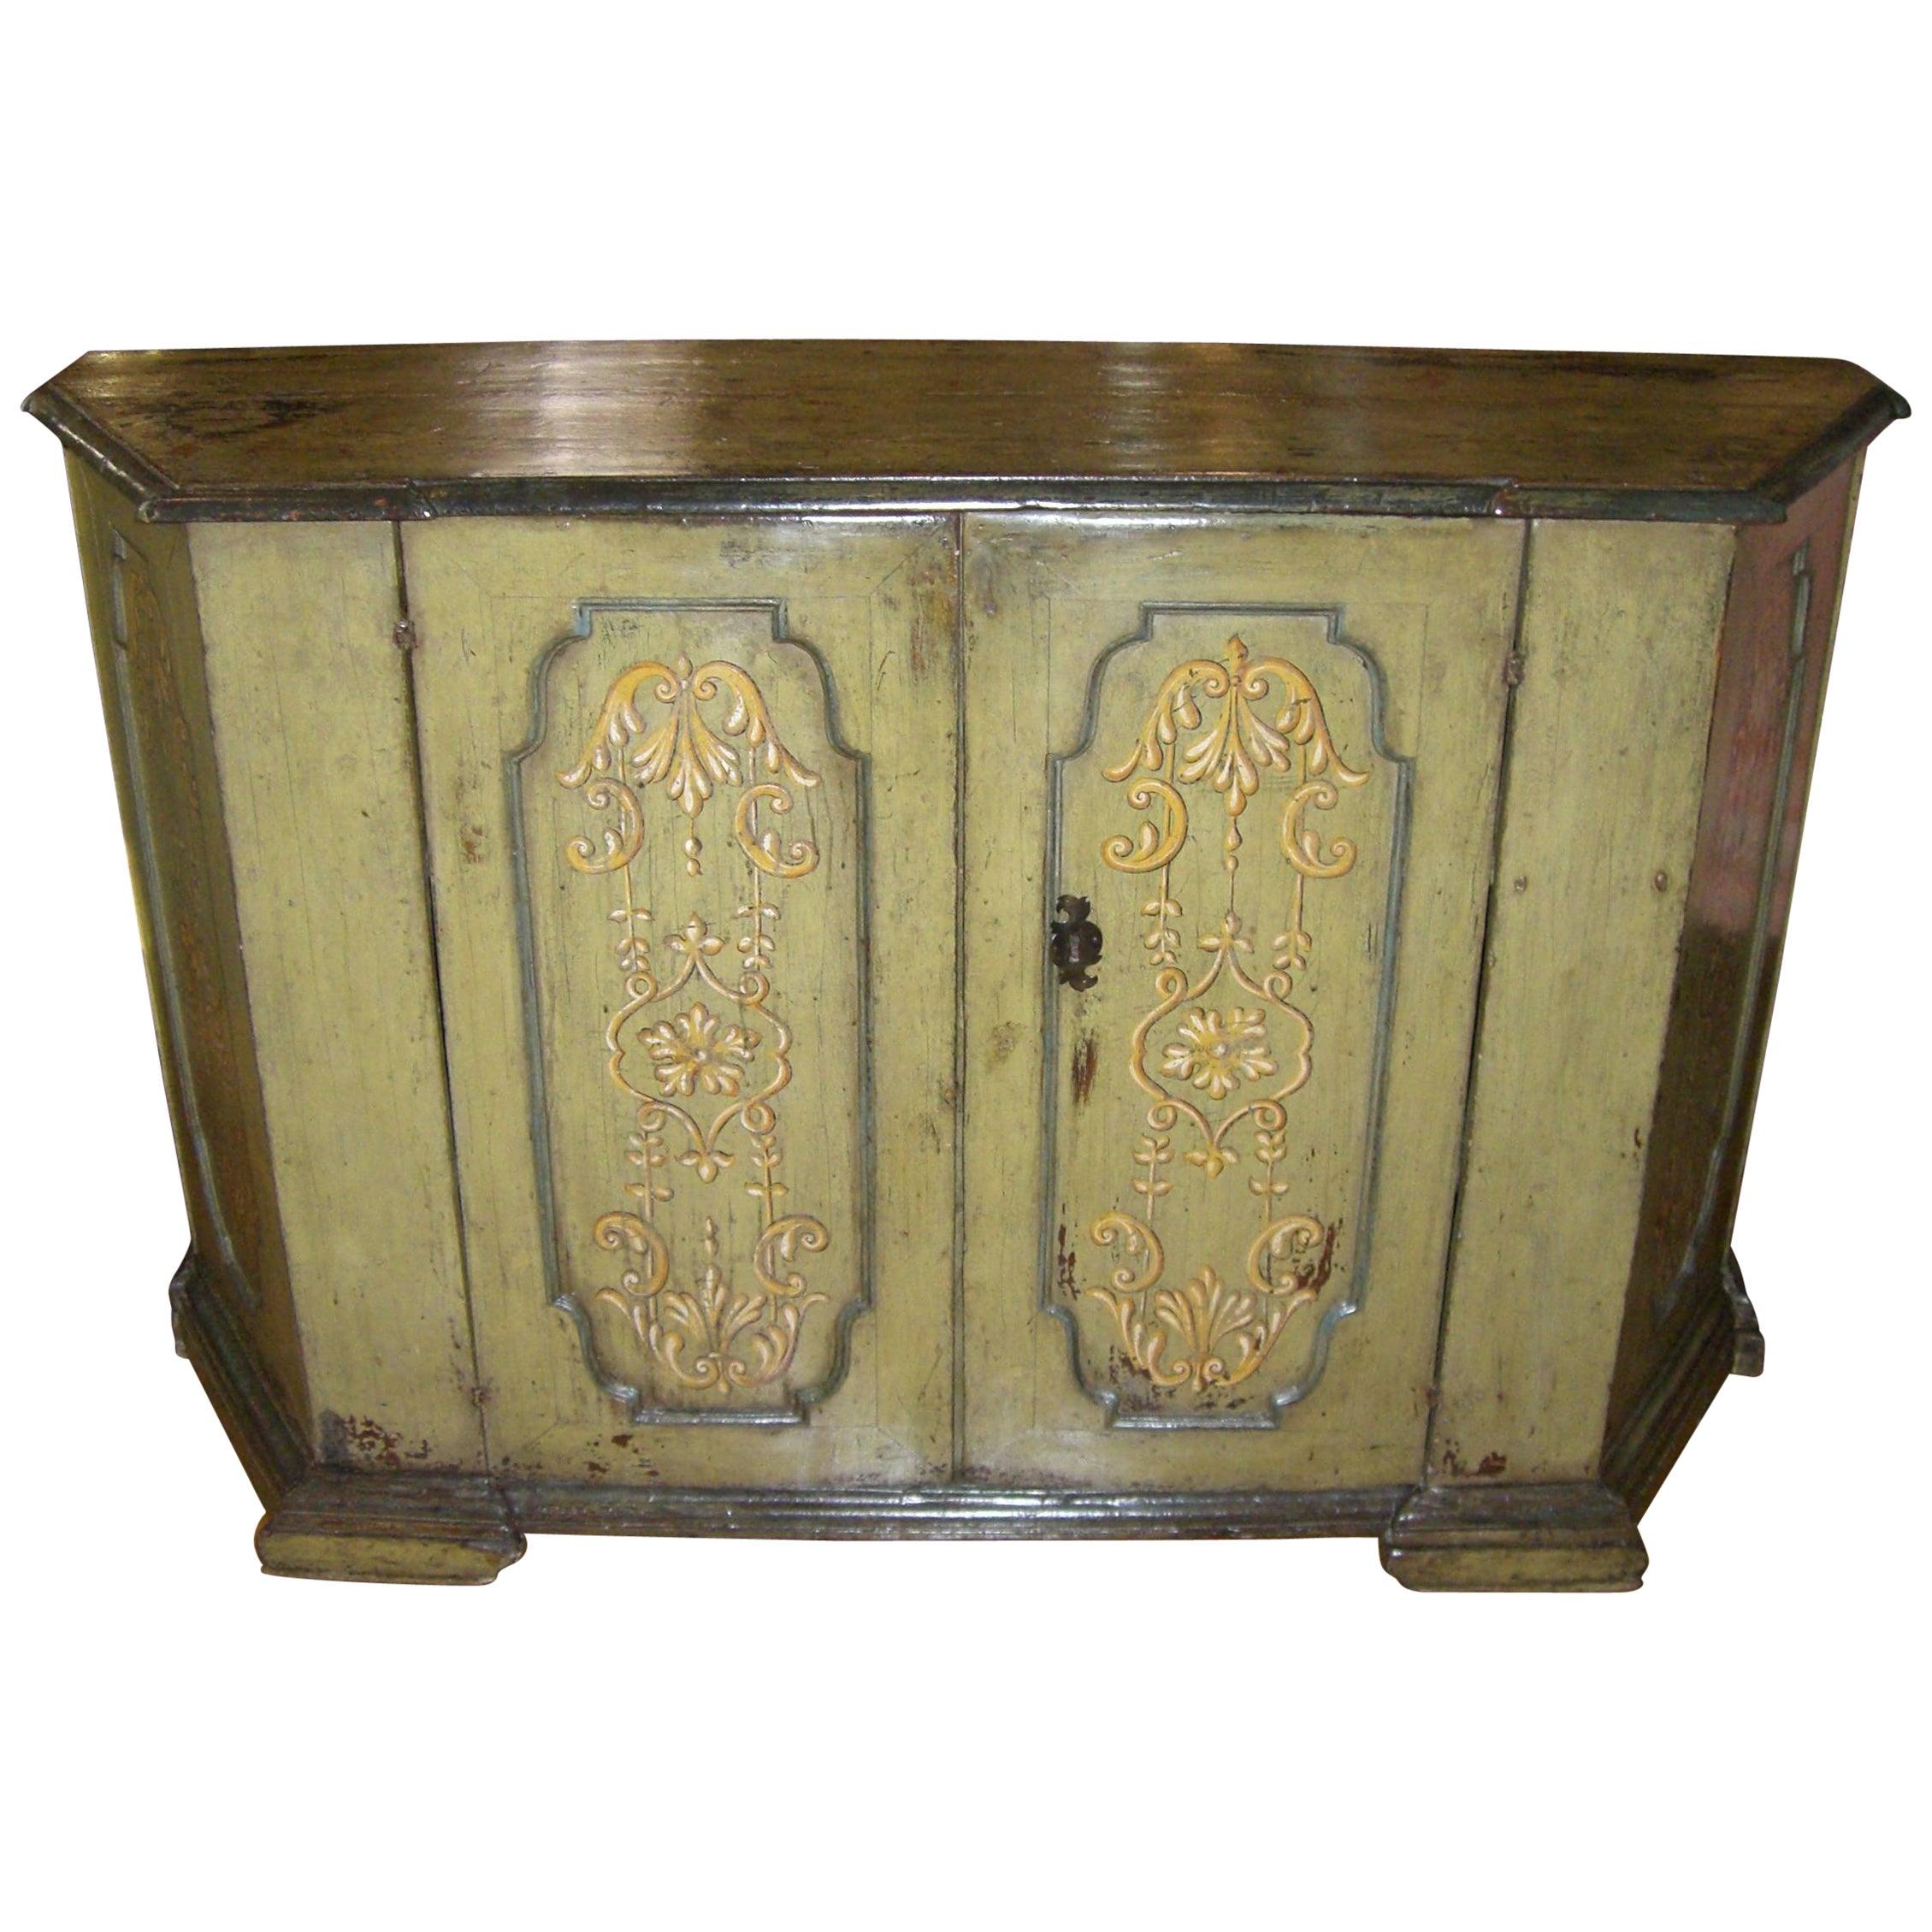 Rare 17th Century Tuscan Baroque Credenza Console Cabinet Italian Antiques LA CA